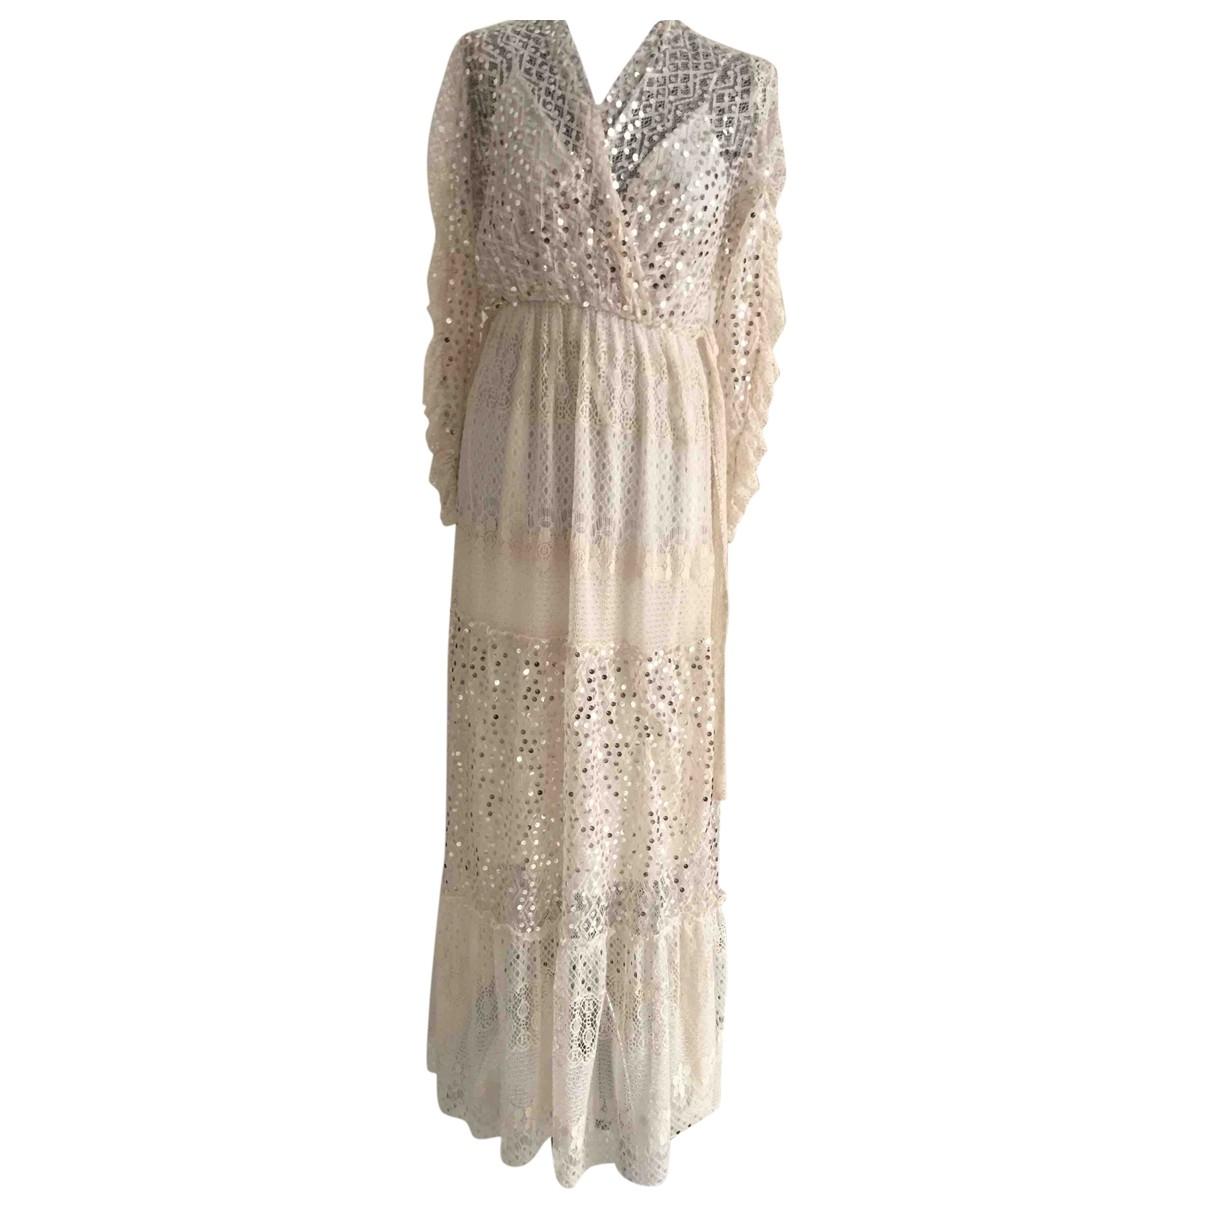 Autre Marque \N Beige Lace dress for Women One Size FR